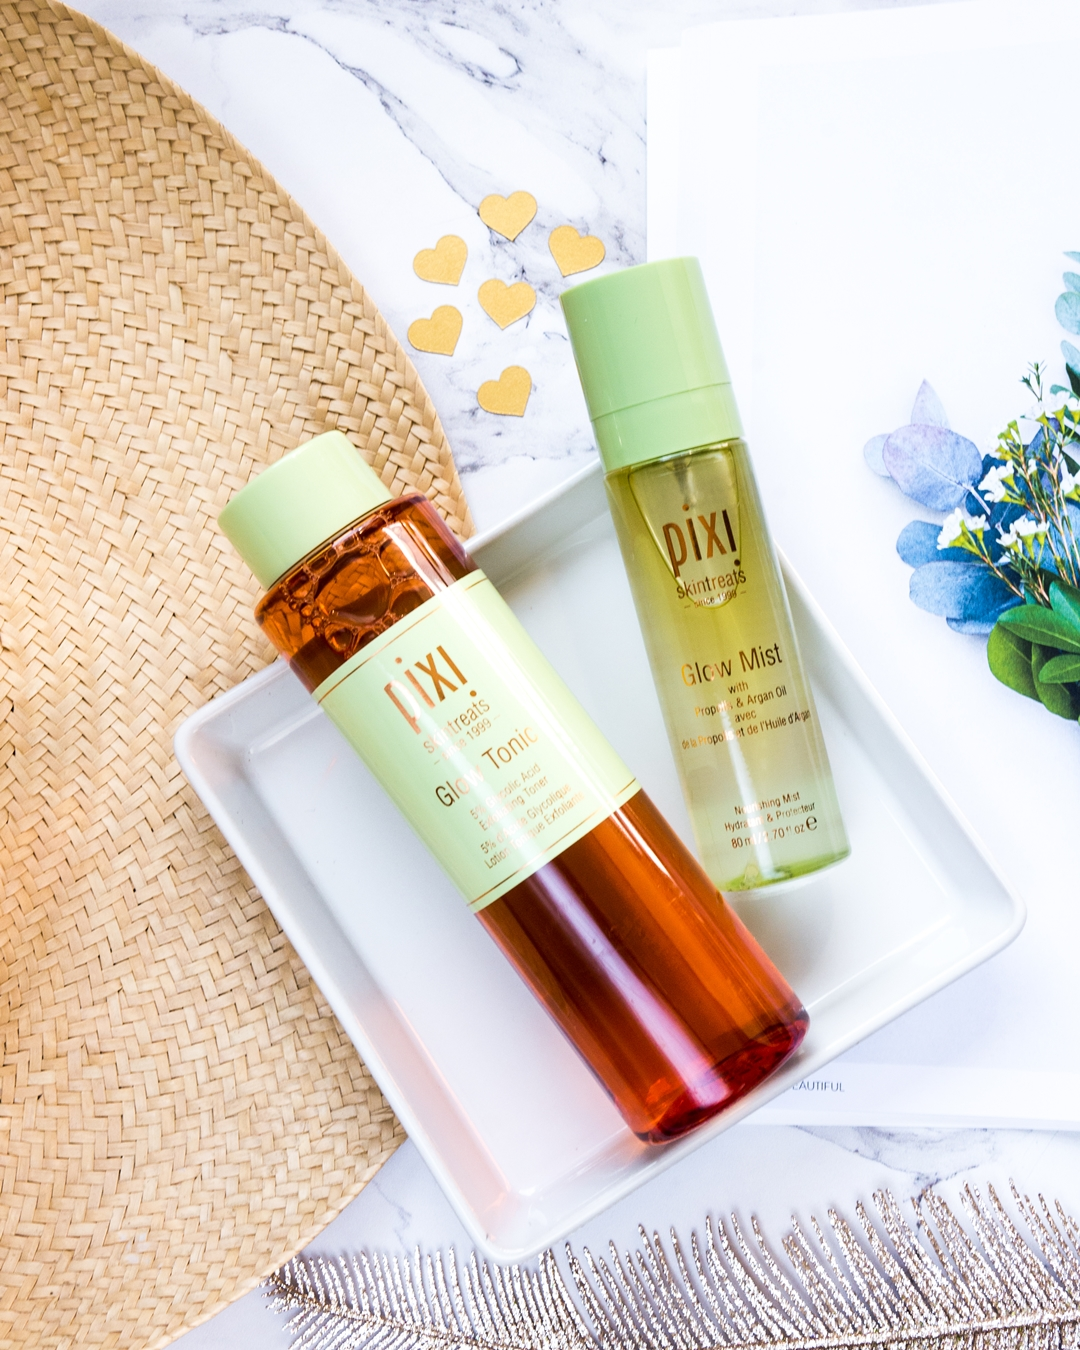 Pixi Beauty | Glow Tonic, Glow Mud Cleanser, Glow Mist oraz Glow O2 Oxygen Mask